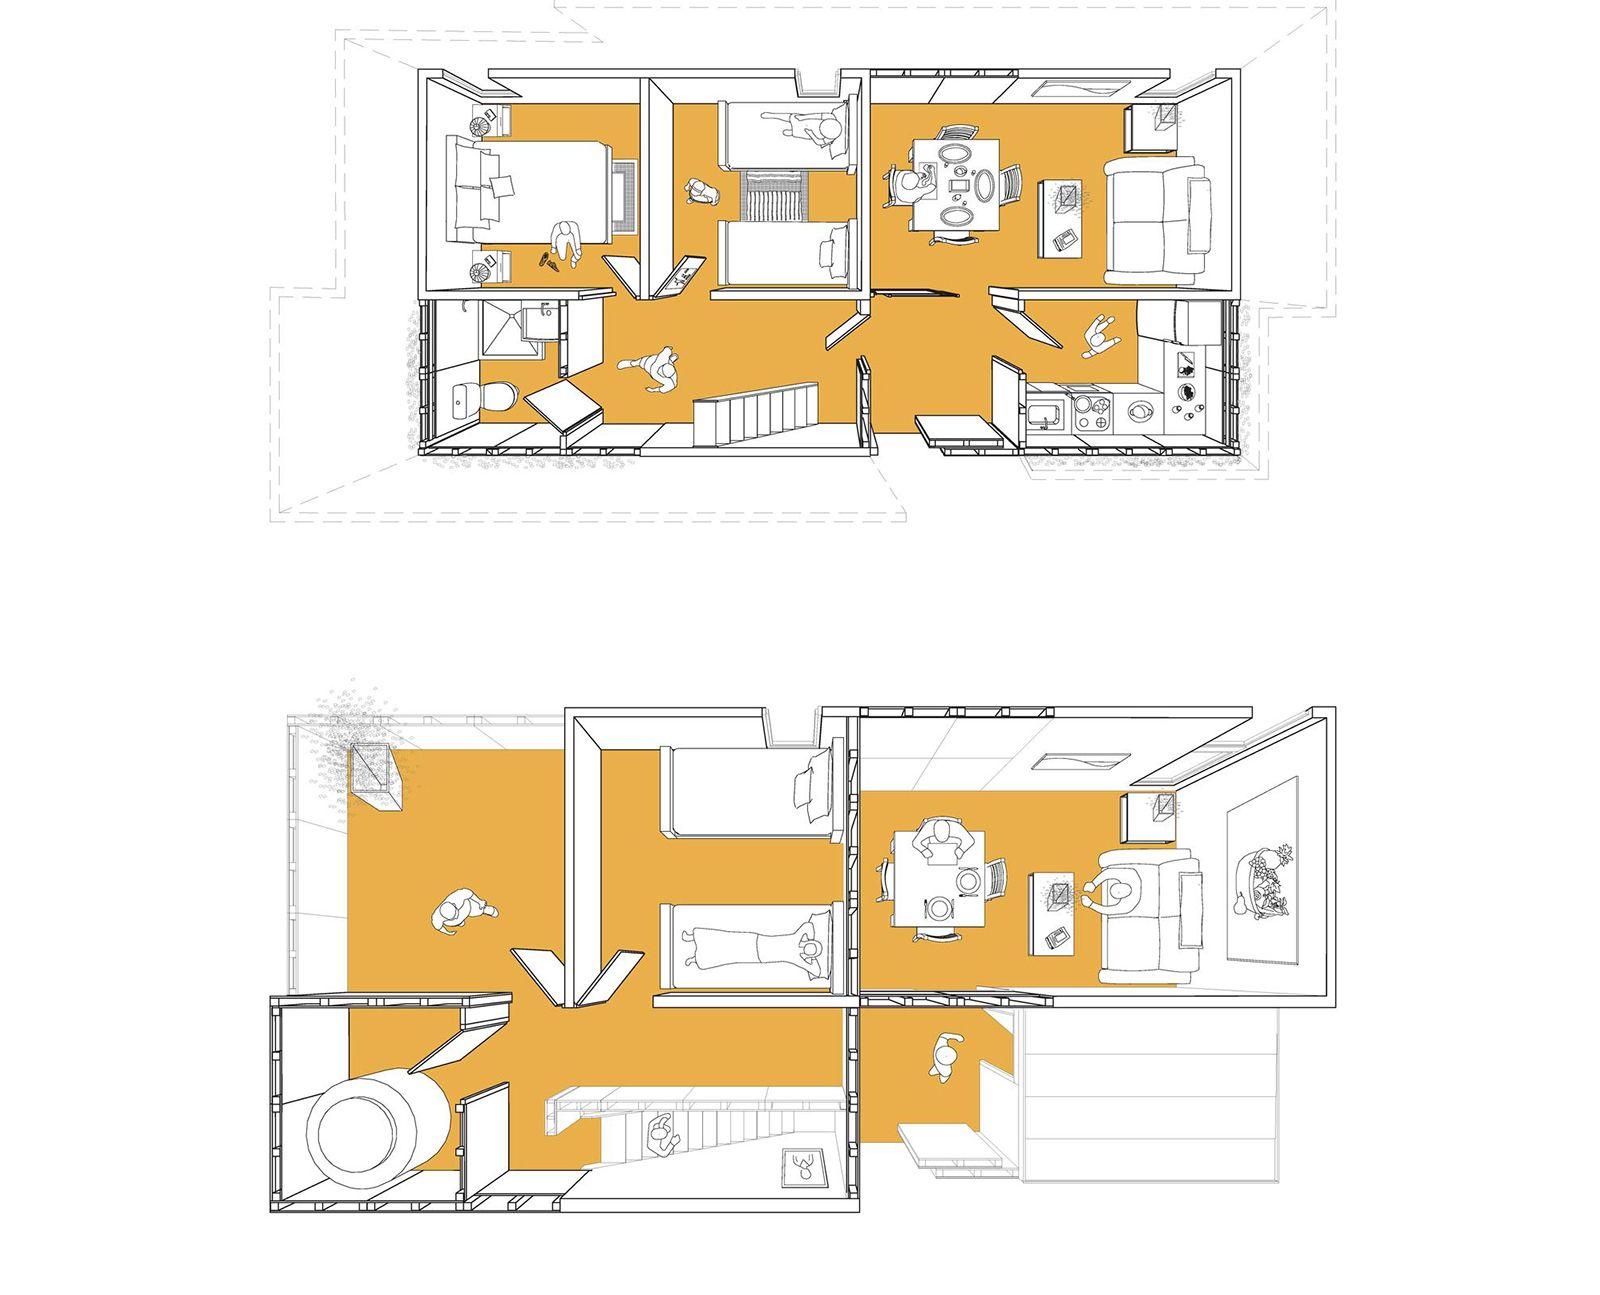 Tatiana Bilbao Affordable Housing For Mexico 4 Affordable Housing Social Housing Chicago Architecture